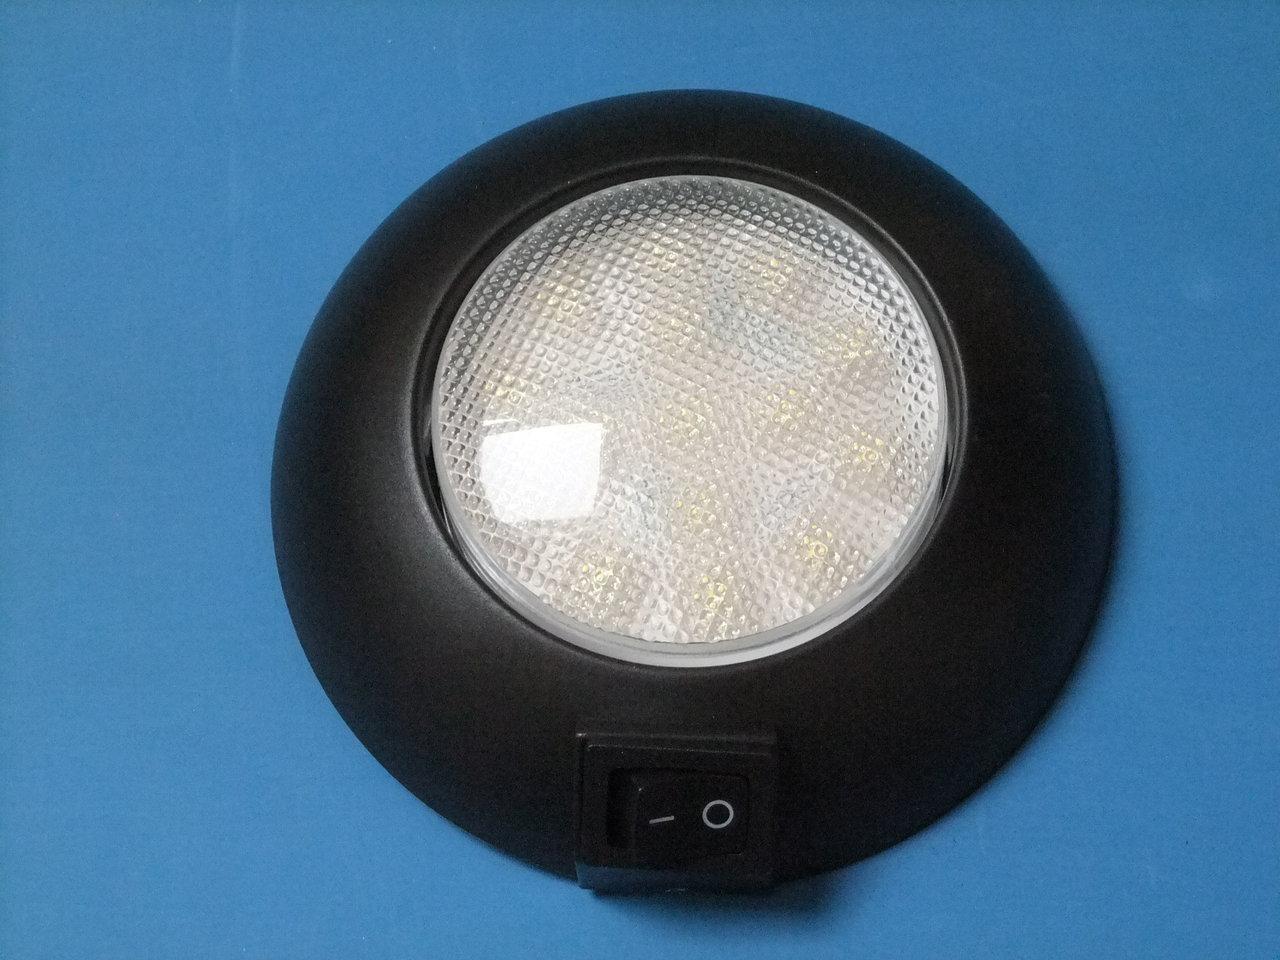 led 4 led surface mount light black surround cool. Black Bedroom Furniture Sets. Home Design Ideas